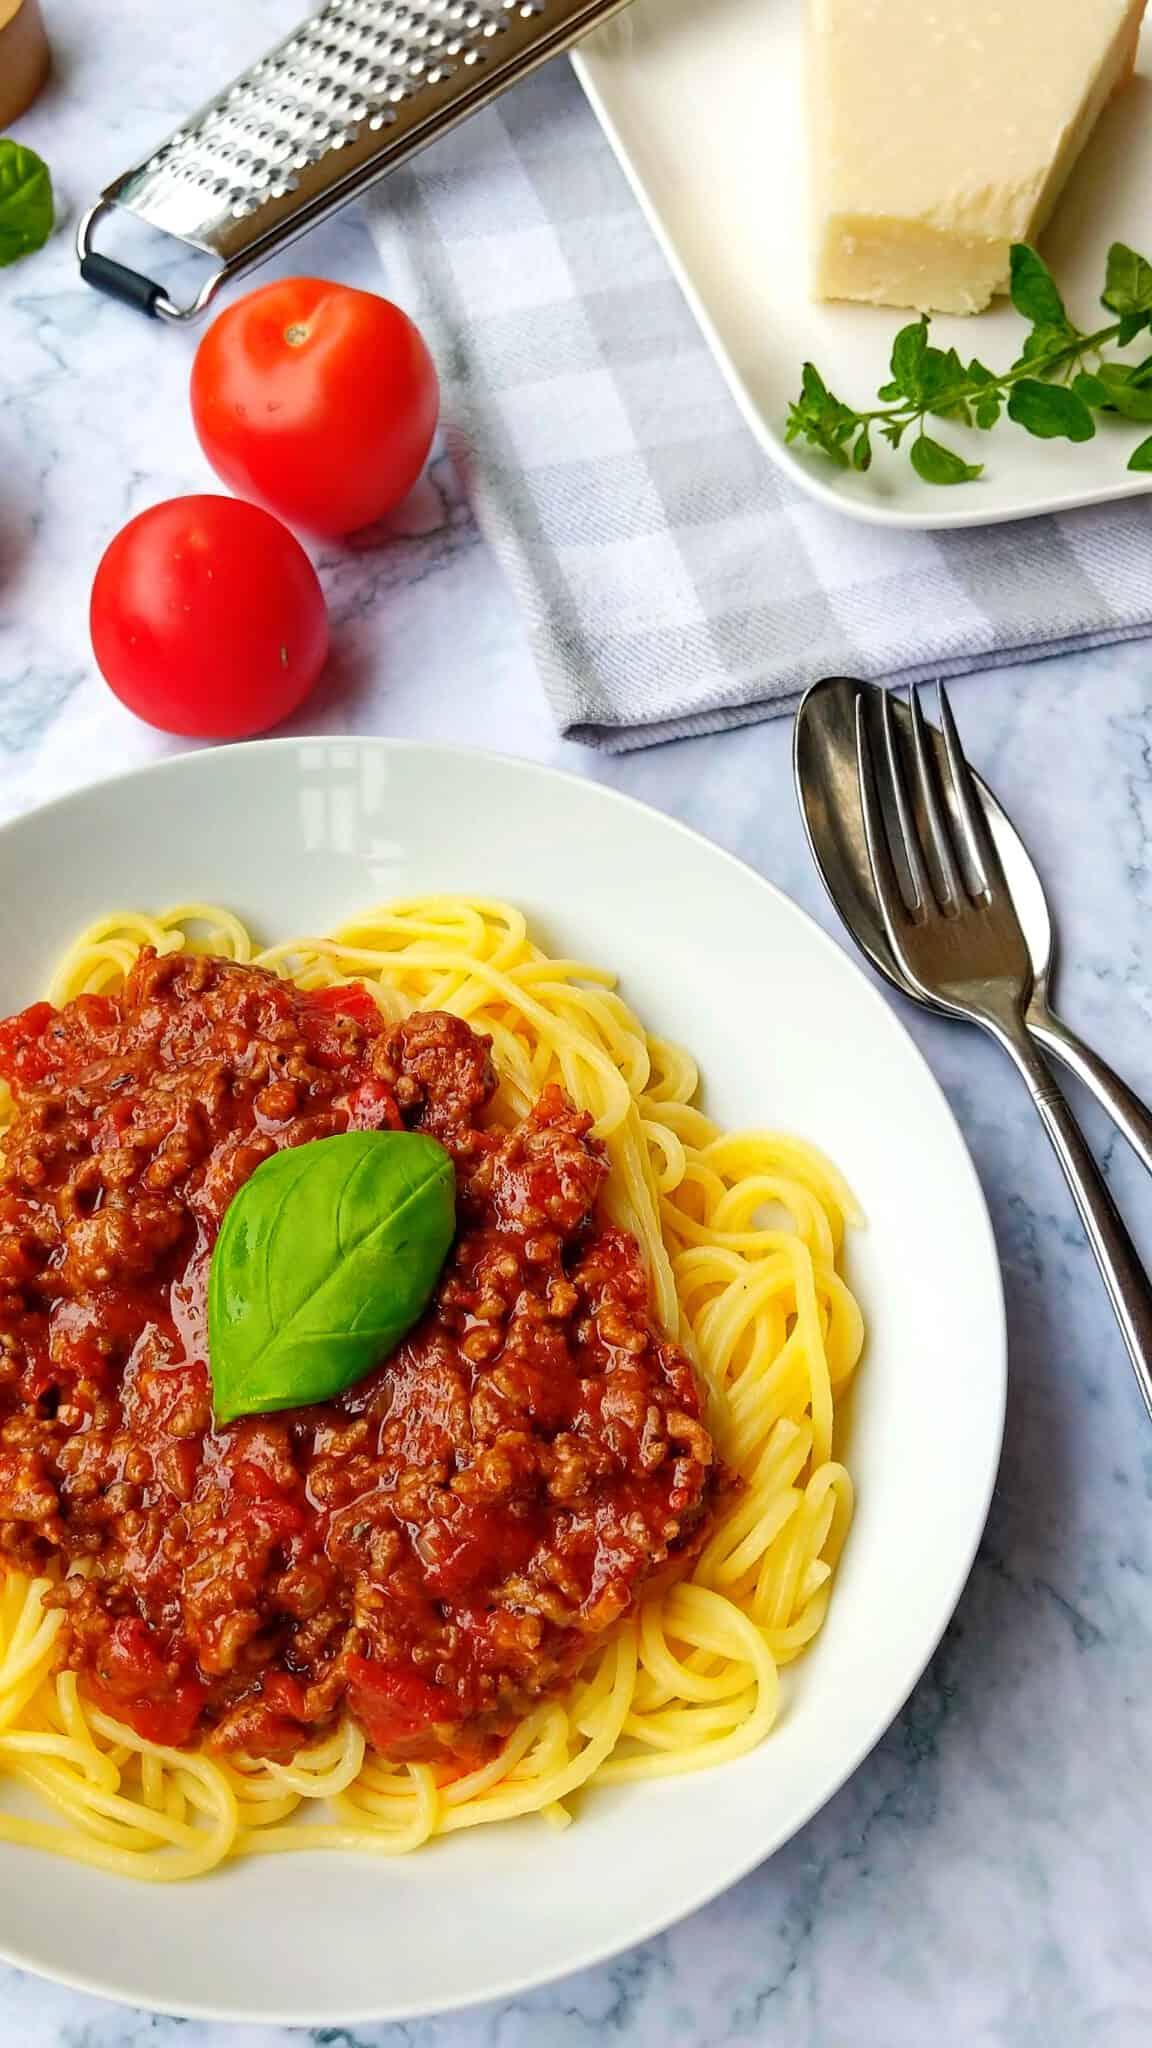 Ein Teller mit Spaghetti und Bolognese Soße. Im Hintergrund Parmesan und Deko